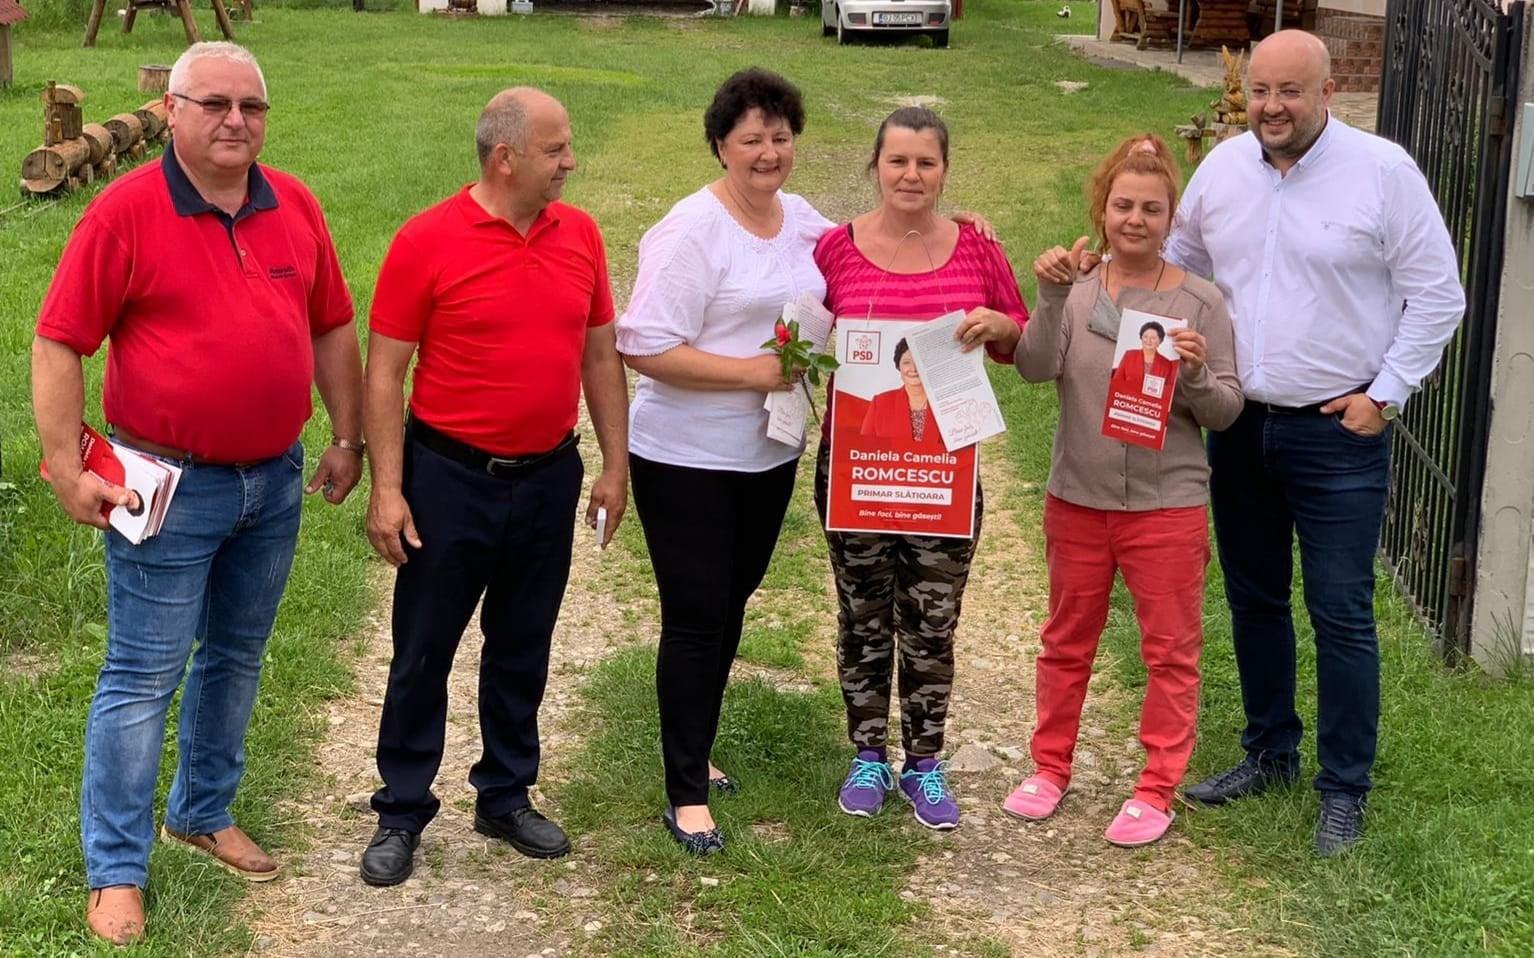 """Daniela Camelia Romcescu: """"Mulţumim tuturor pentru sprijinul şi încrederea acordată"""""""